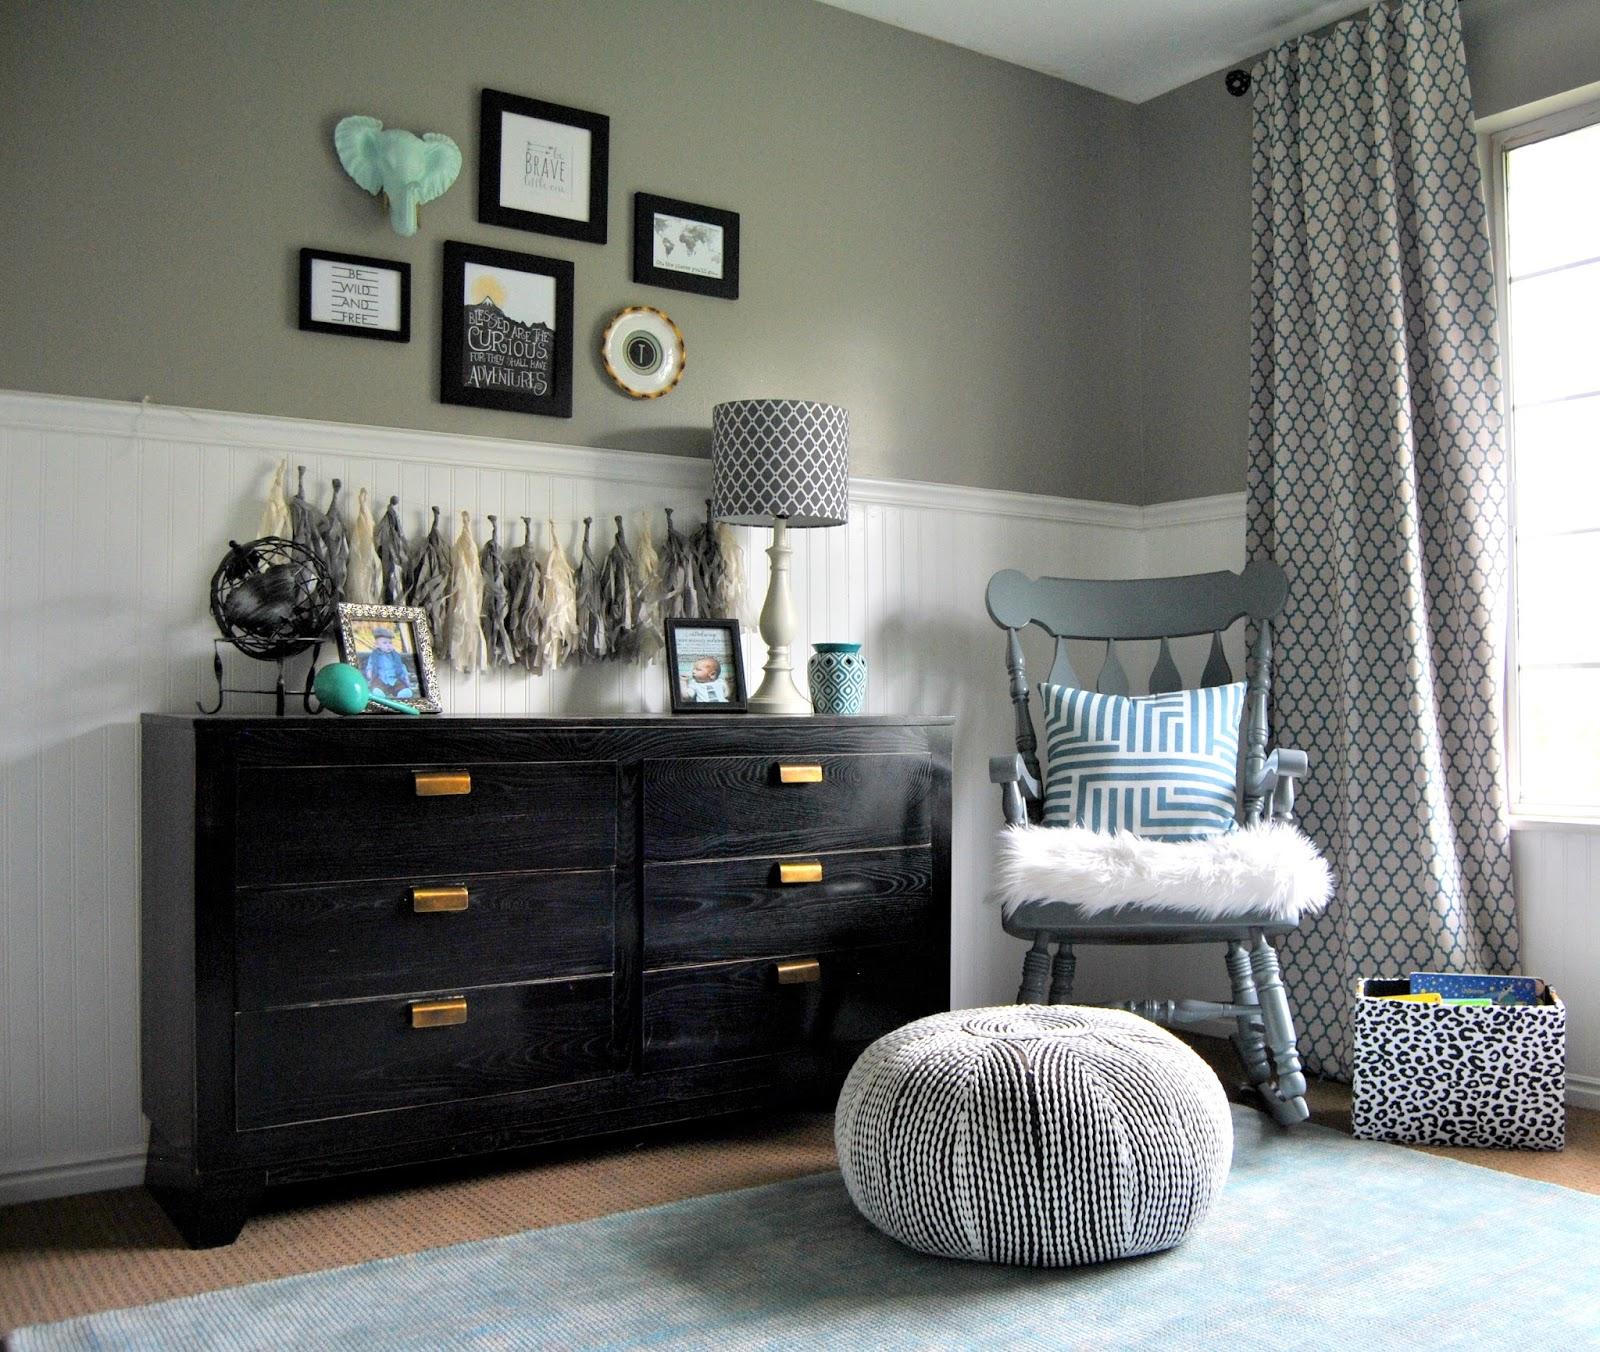 Studio 7 Interior Design Portfolio